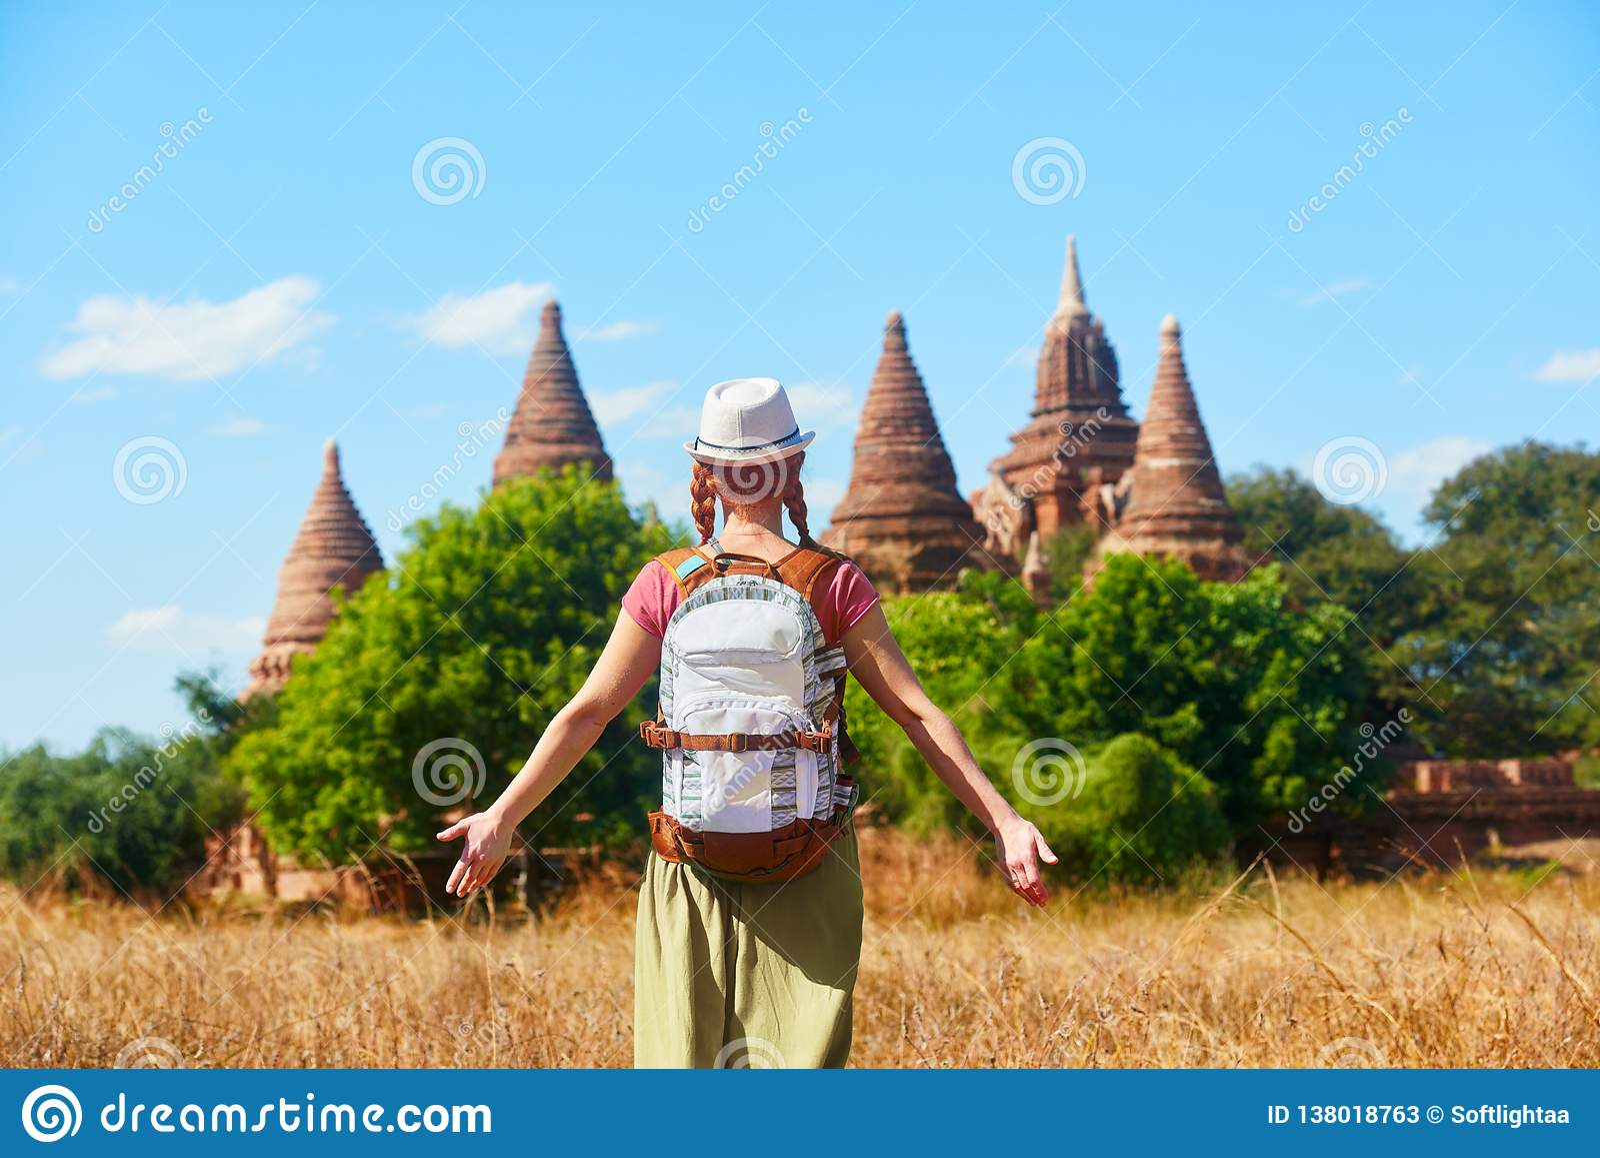 Ταξιδιώτης γυναικών με ένα σακίδιο πλάτης που περπατά μέσω του τομέα στα αρχαία stupas